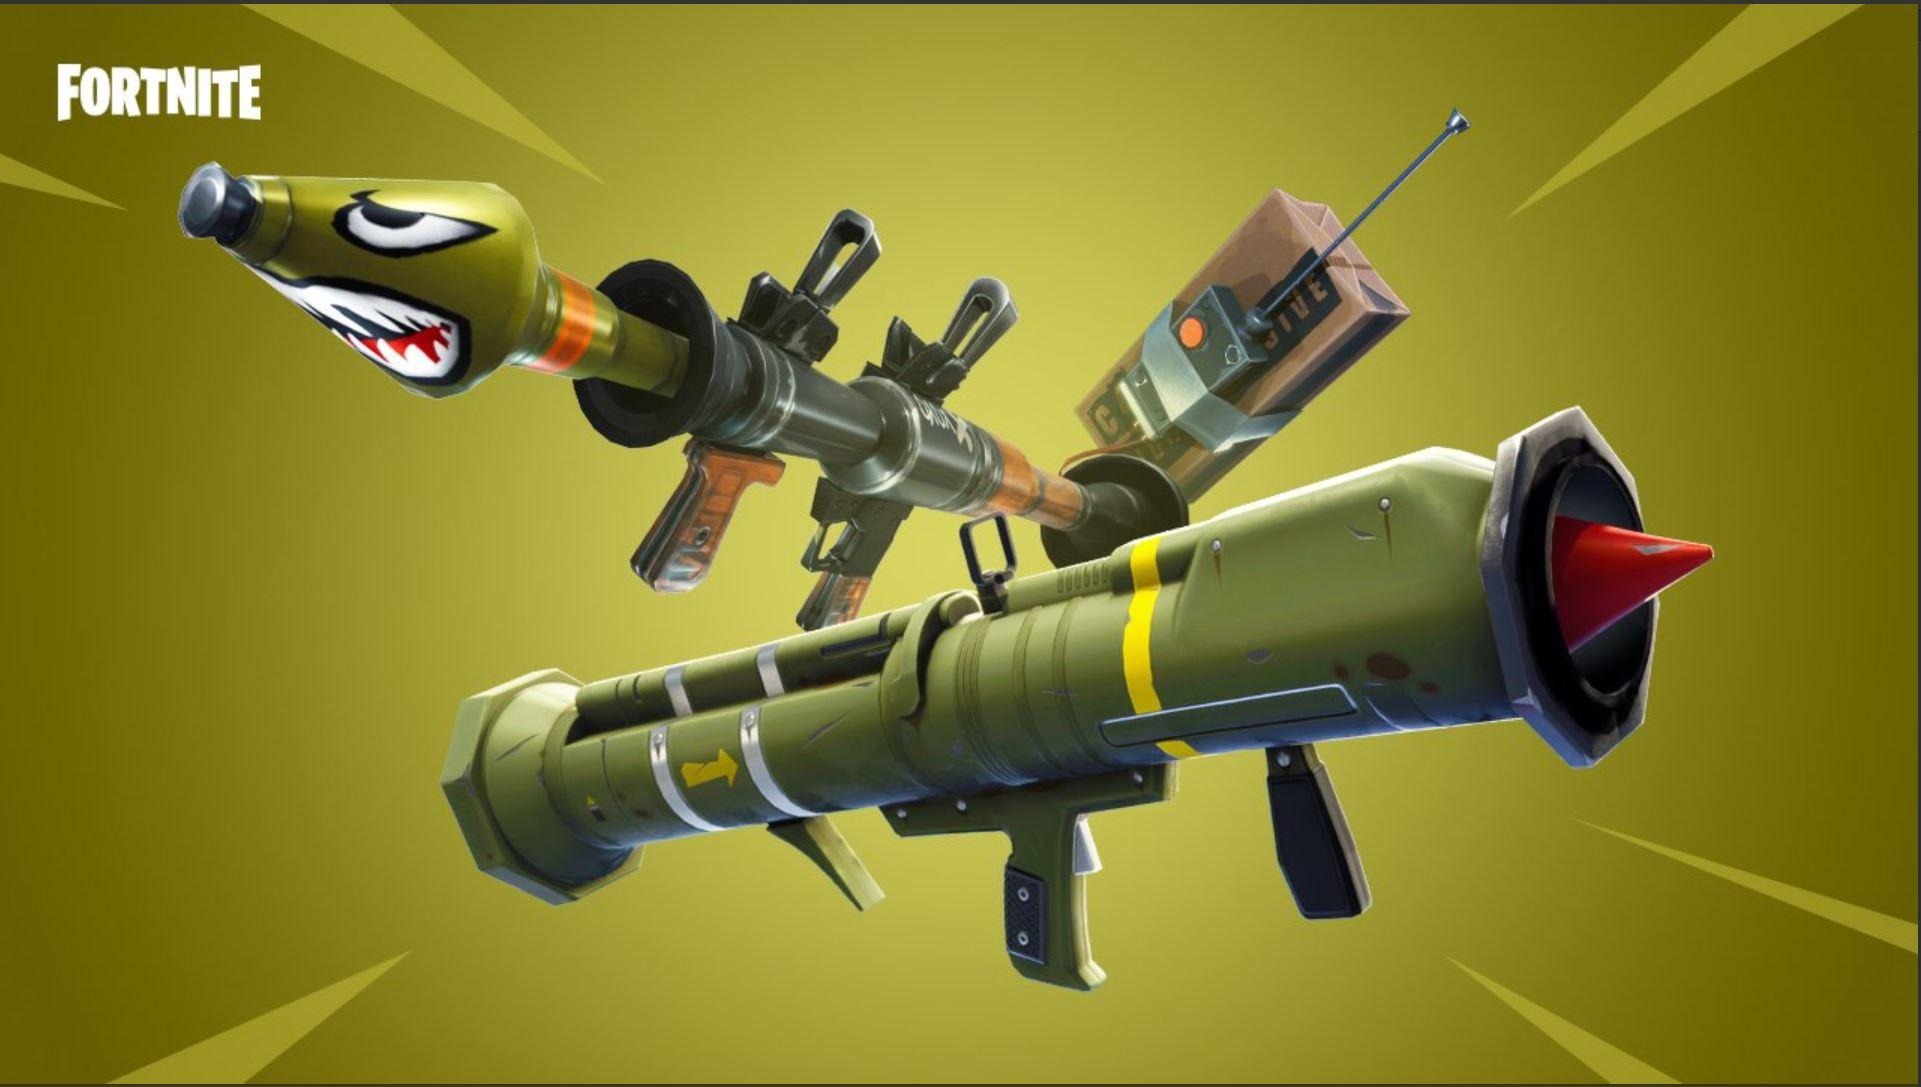 Fortnite-Hochexplosiv